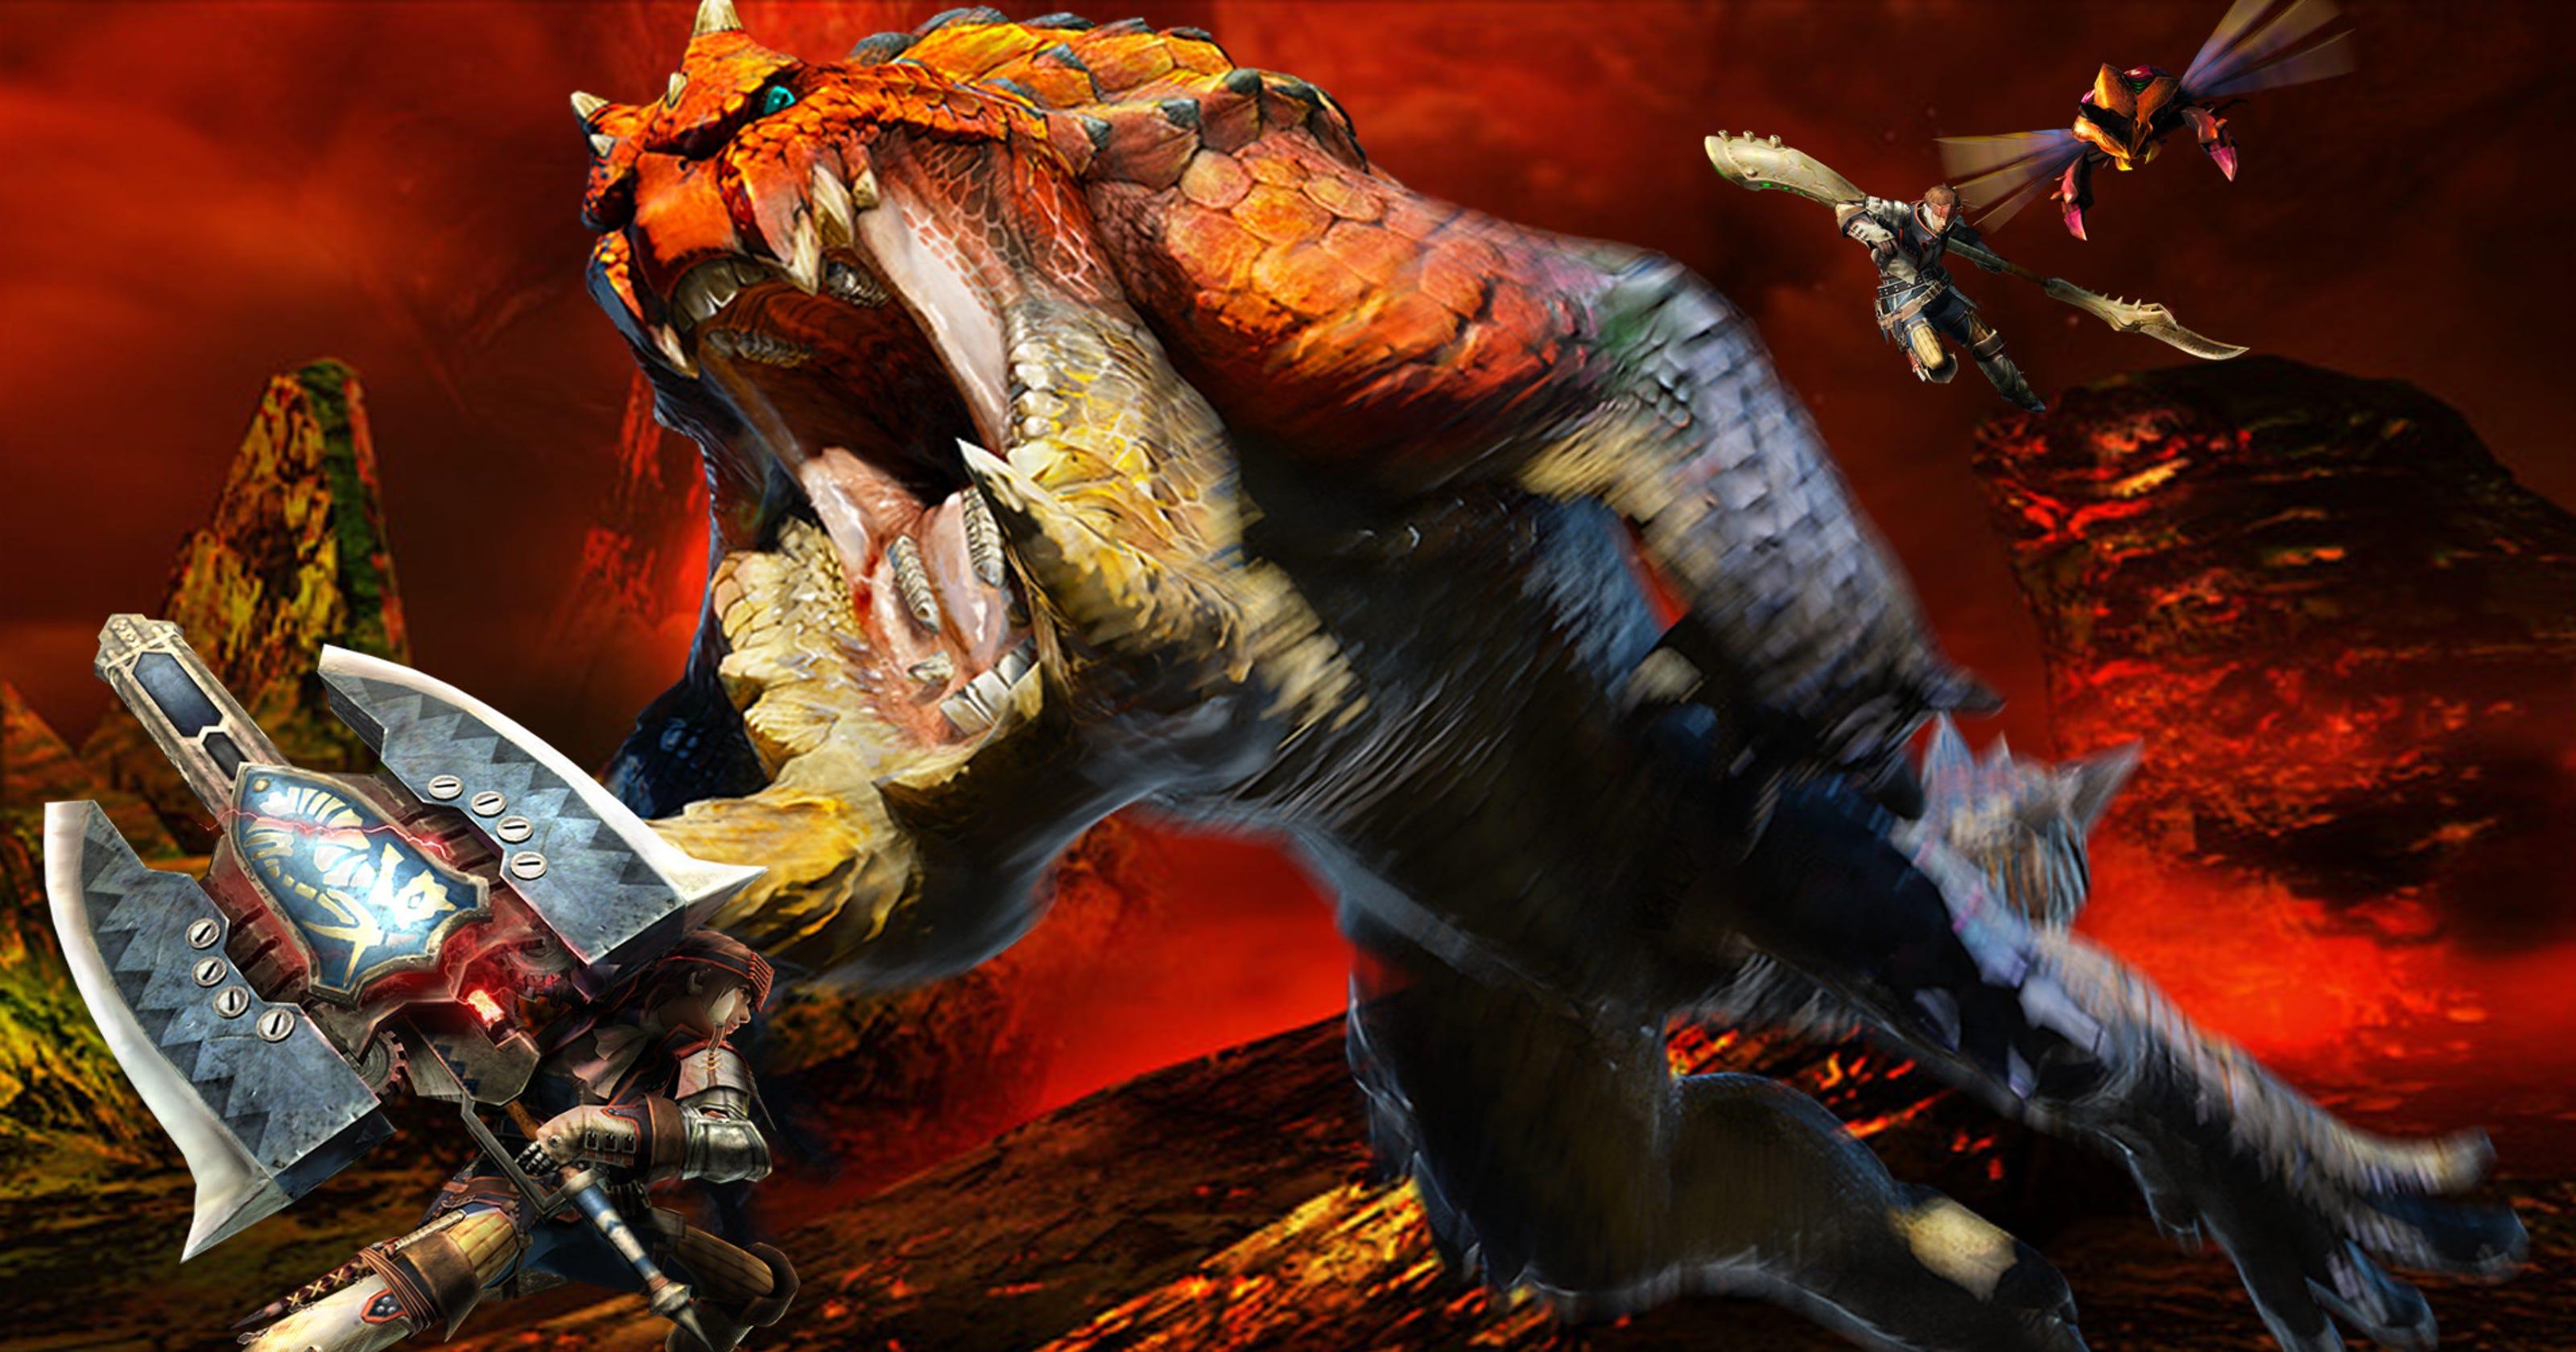 Technobubble: The Monster Hunter 4 Ultimate Beginner's Guide